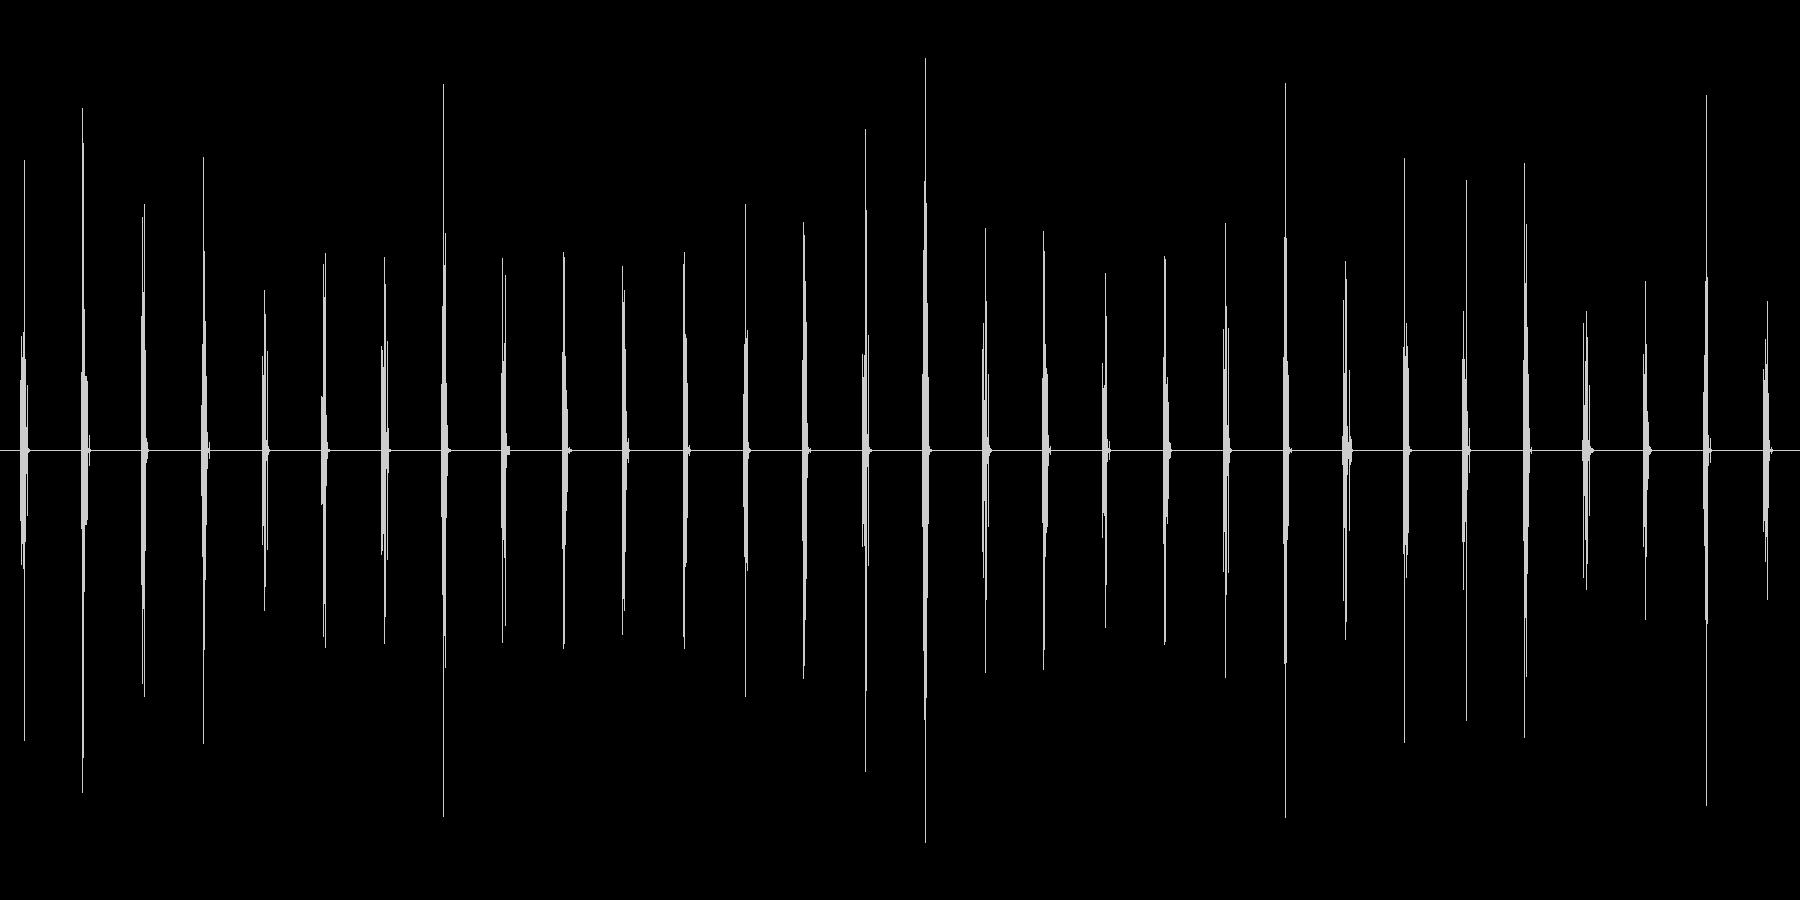 チクタク_壁時計の秒針_深夜_【生録音】の未再生の波形